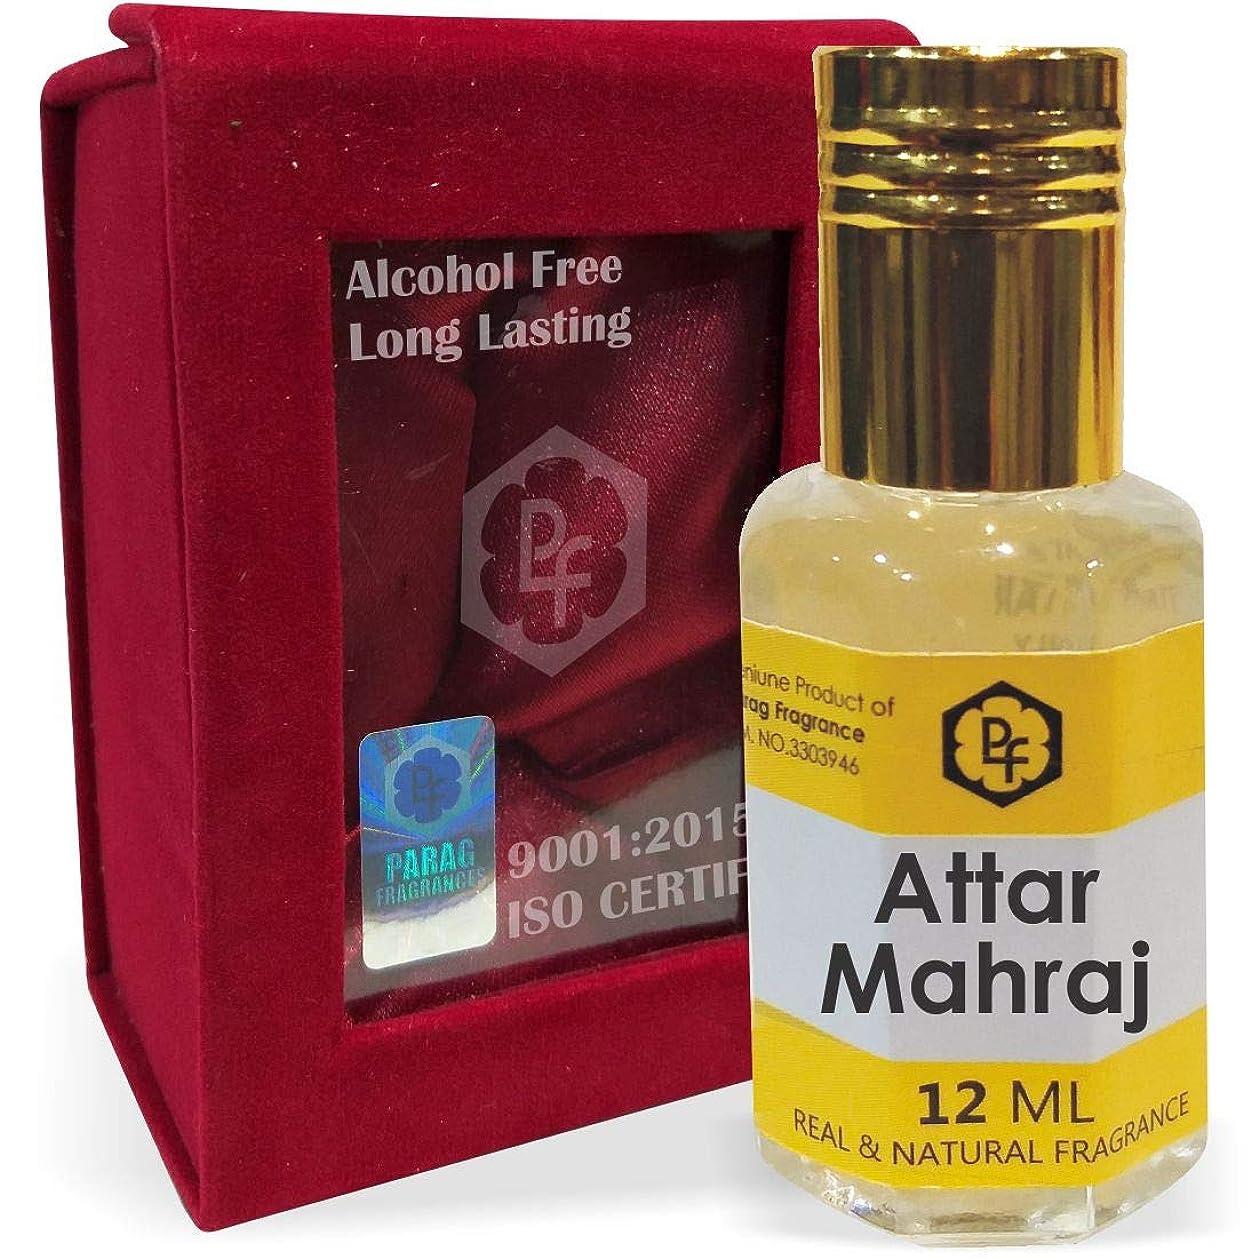 祖母太平洋諸島定期的なParagフレグランス手作りベルベットボックスMahraj 12ミリリットルアター/香水(インドの伝統的なBhapka処理方法により、インド製)オイル/フレグランスオイル|長持ちアターITRA最高の品質